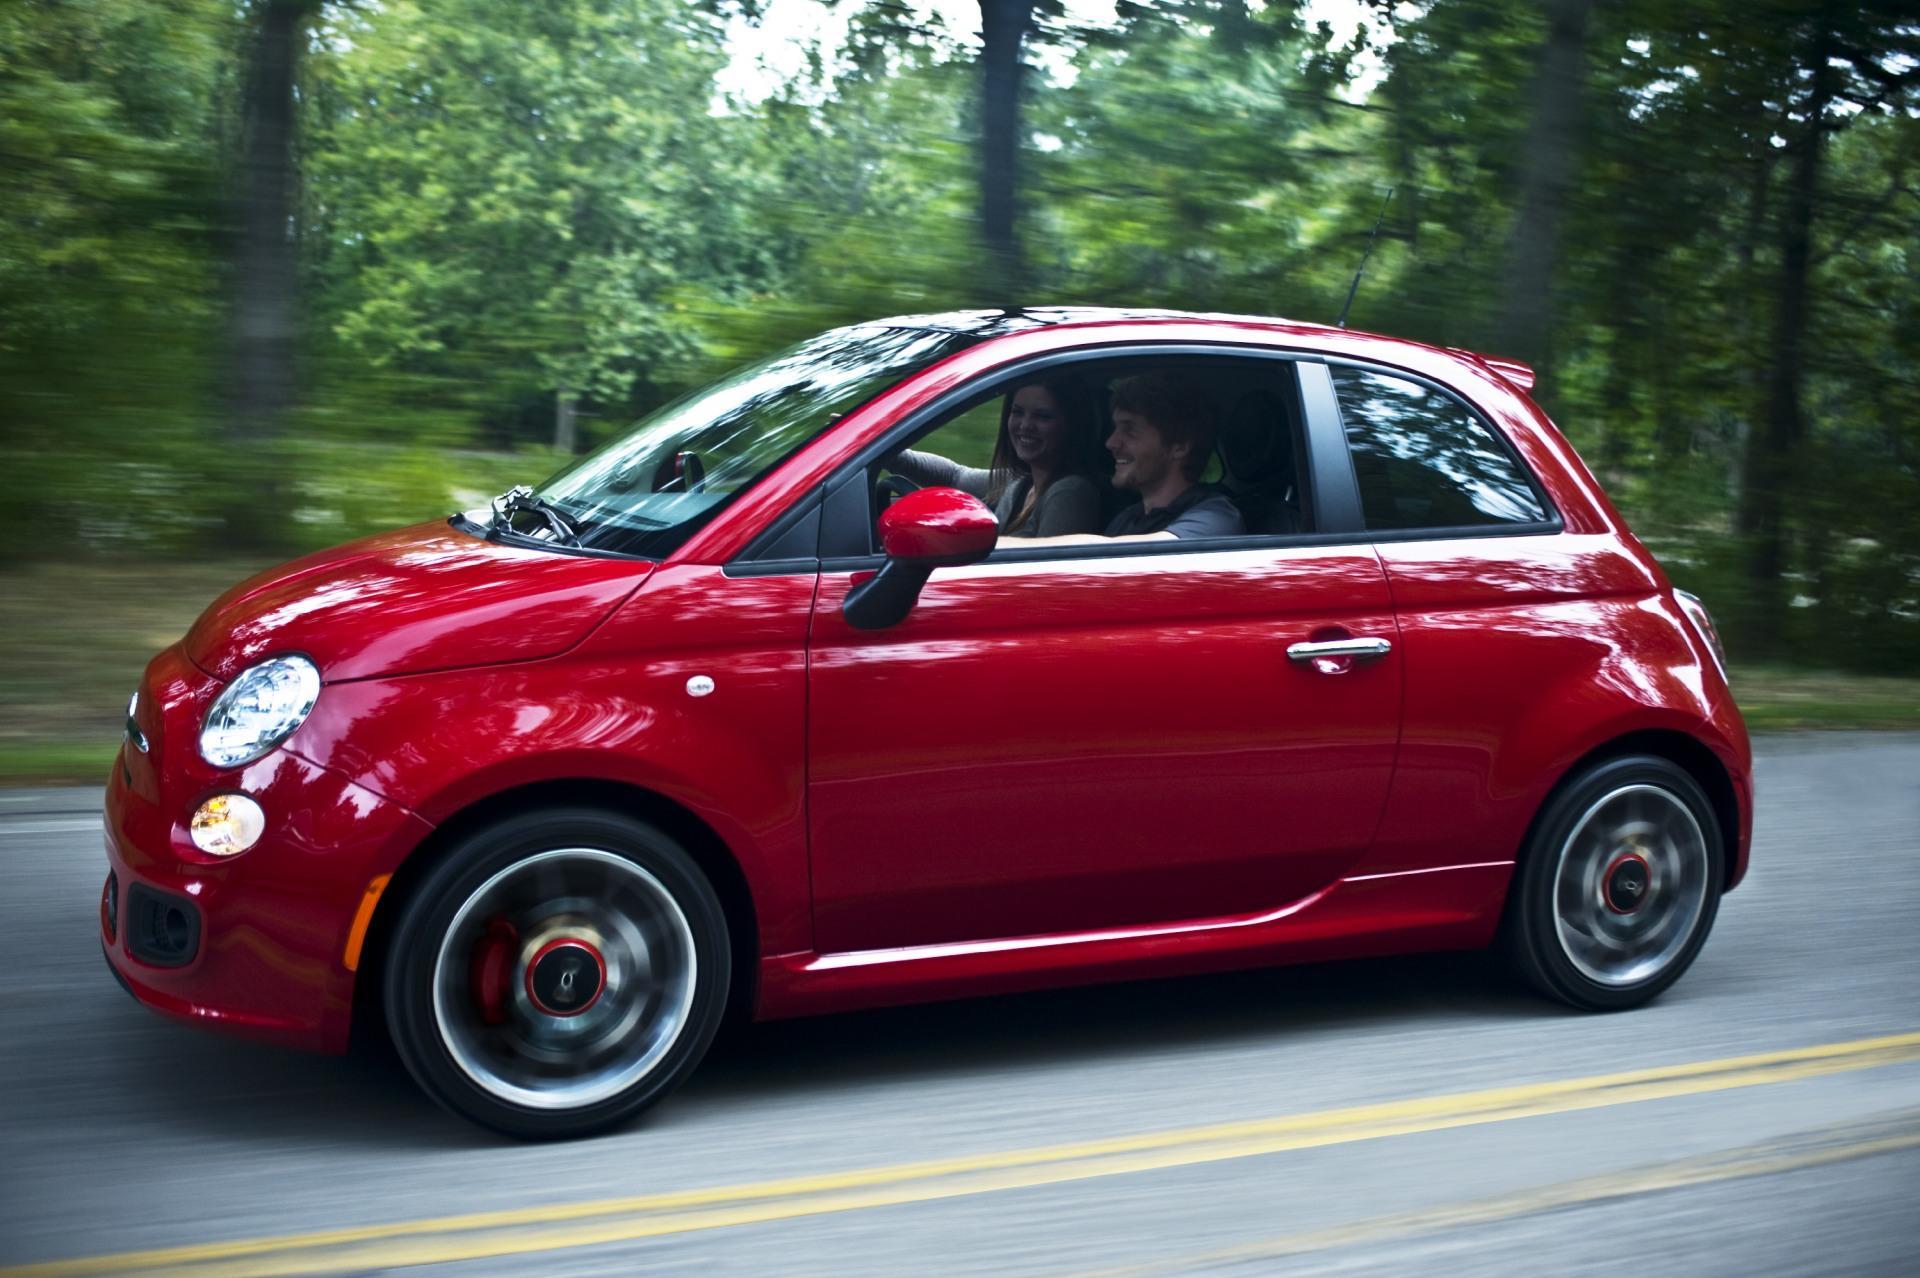 2011 Fiat 500 Image